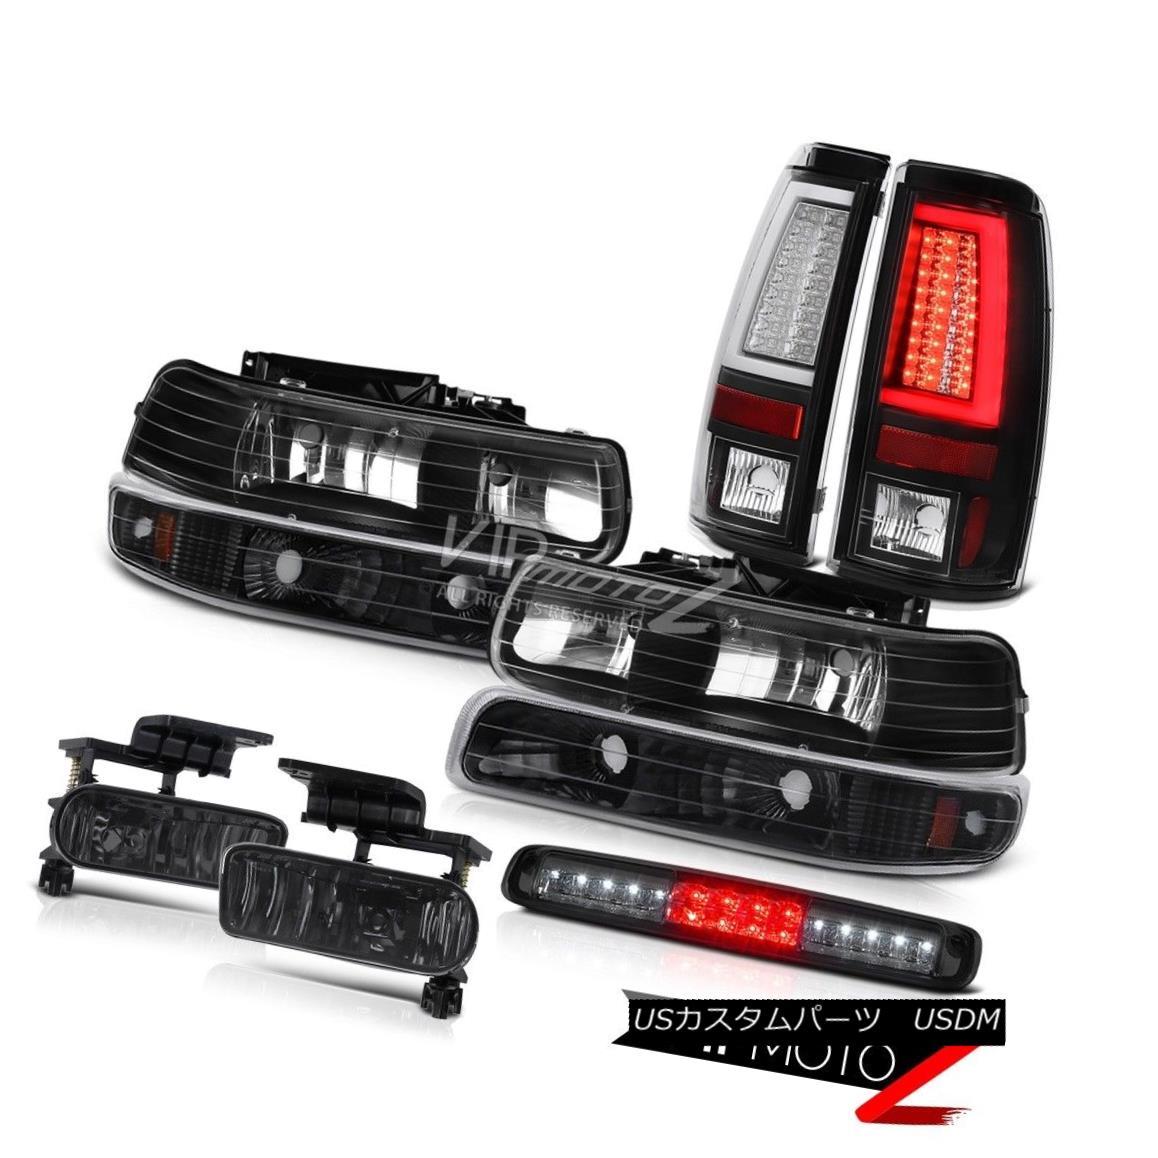 ヘッドライト 99-02 Silverado WT Taillights Roof Cab Lamp Headlamps Foglamps